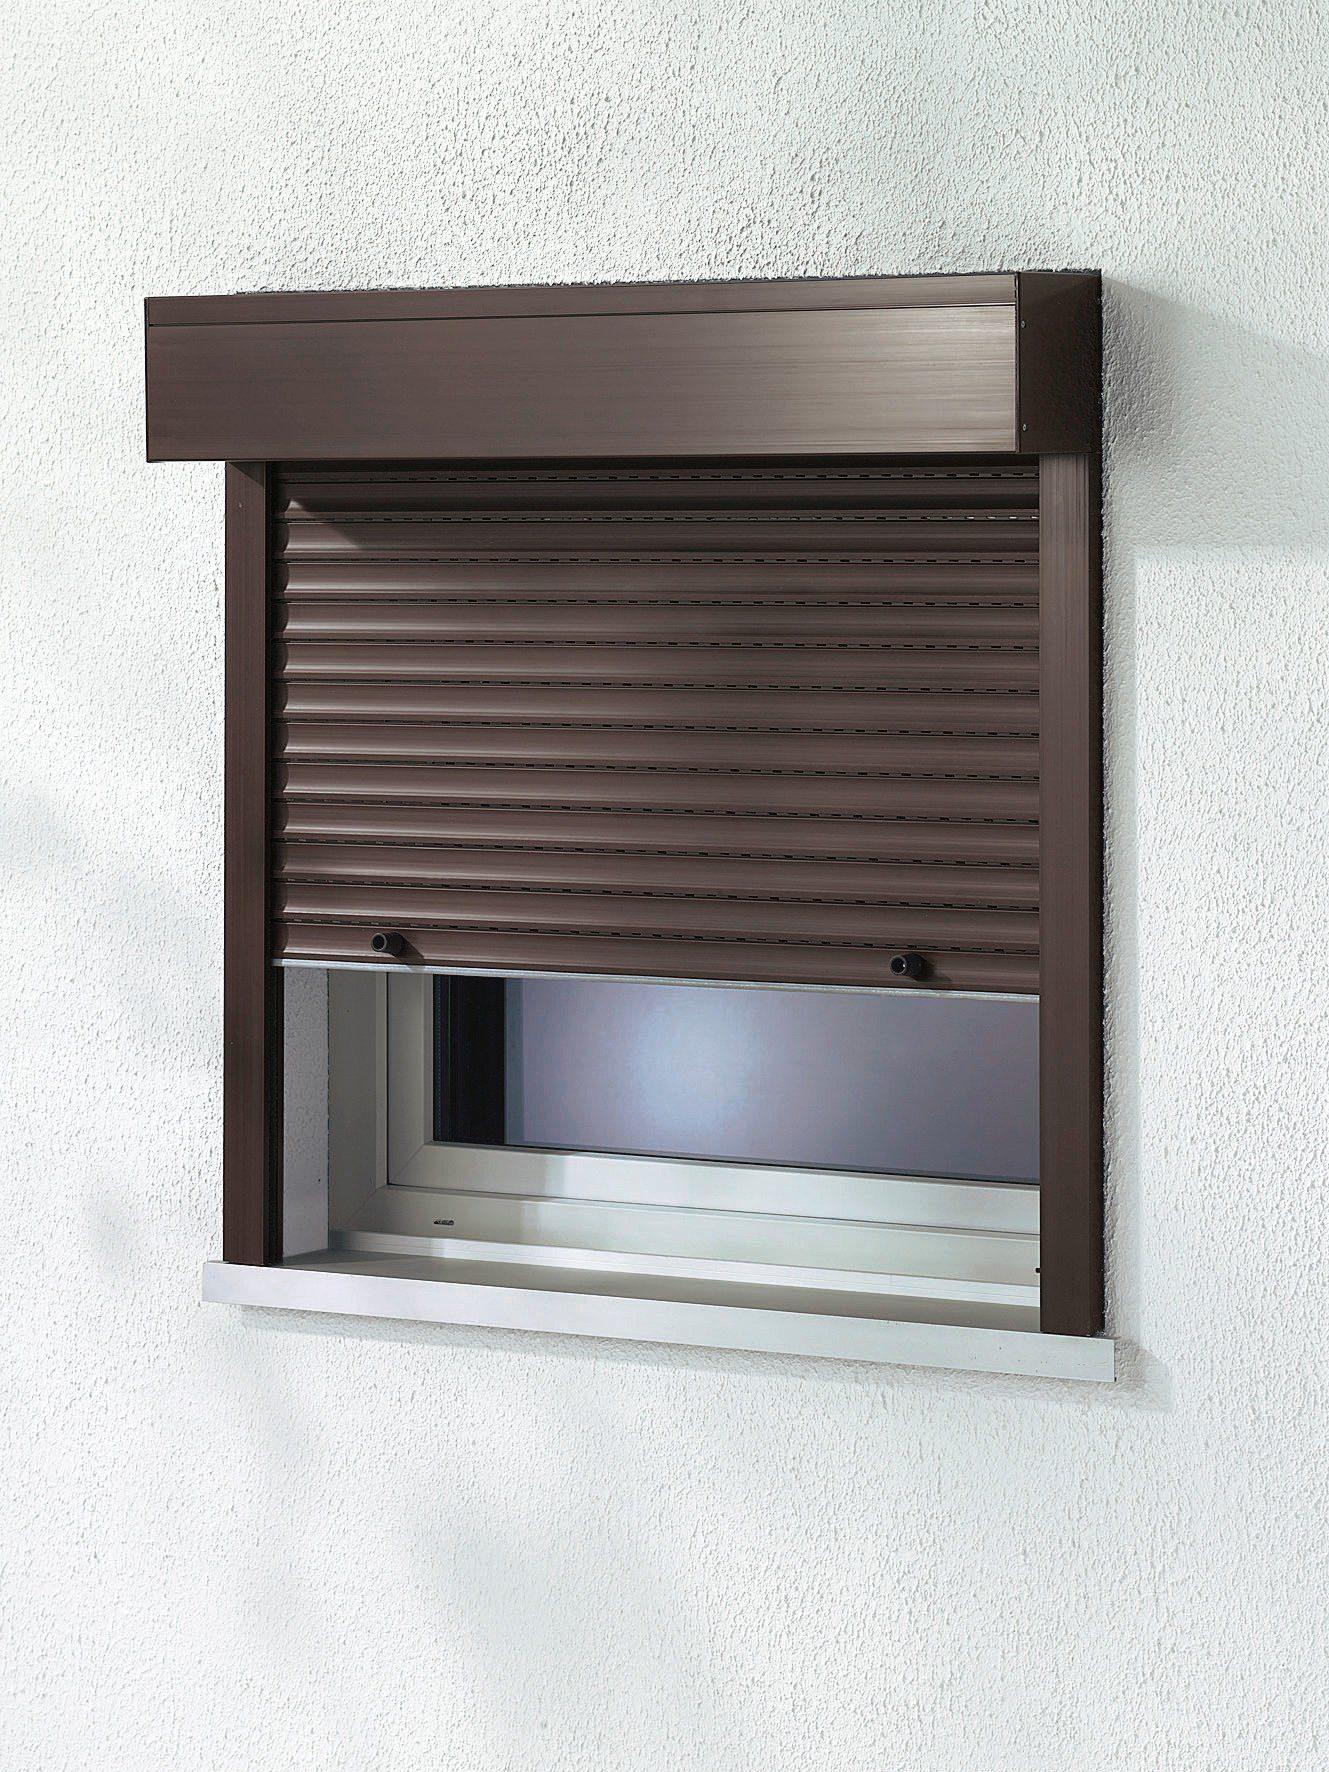 Kunststoff »Vorbau-Rollladen« Sondermaß Breite, Höhe: 130 cm, braun